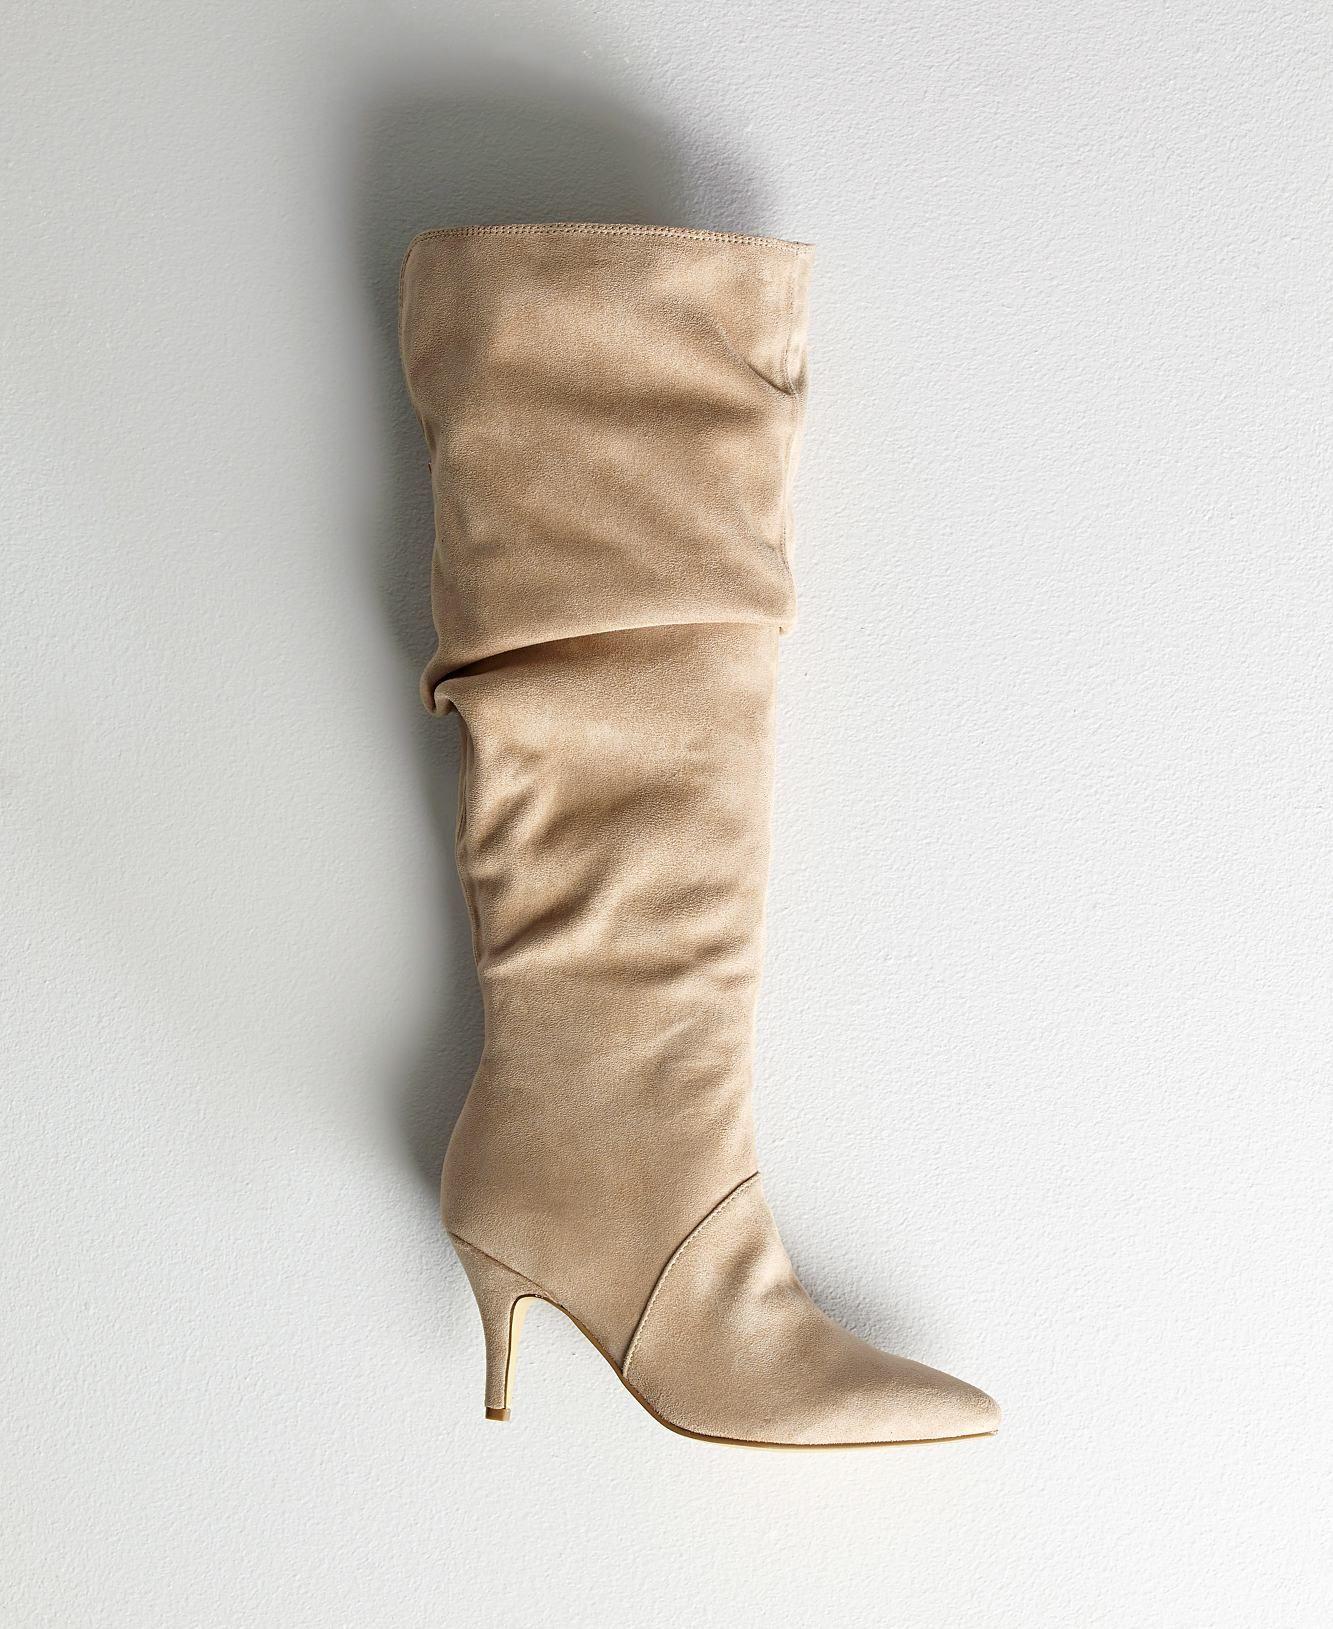 Stövel #ellosshoes #stövel | Stövel, Skor, Damskor